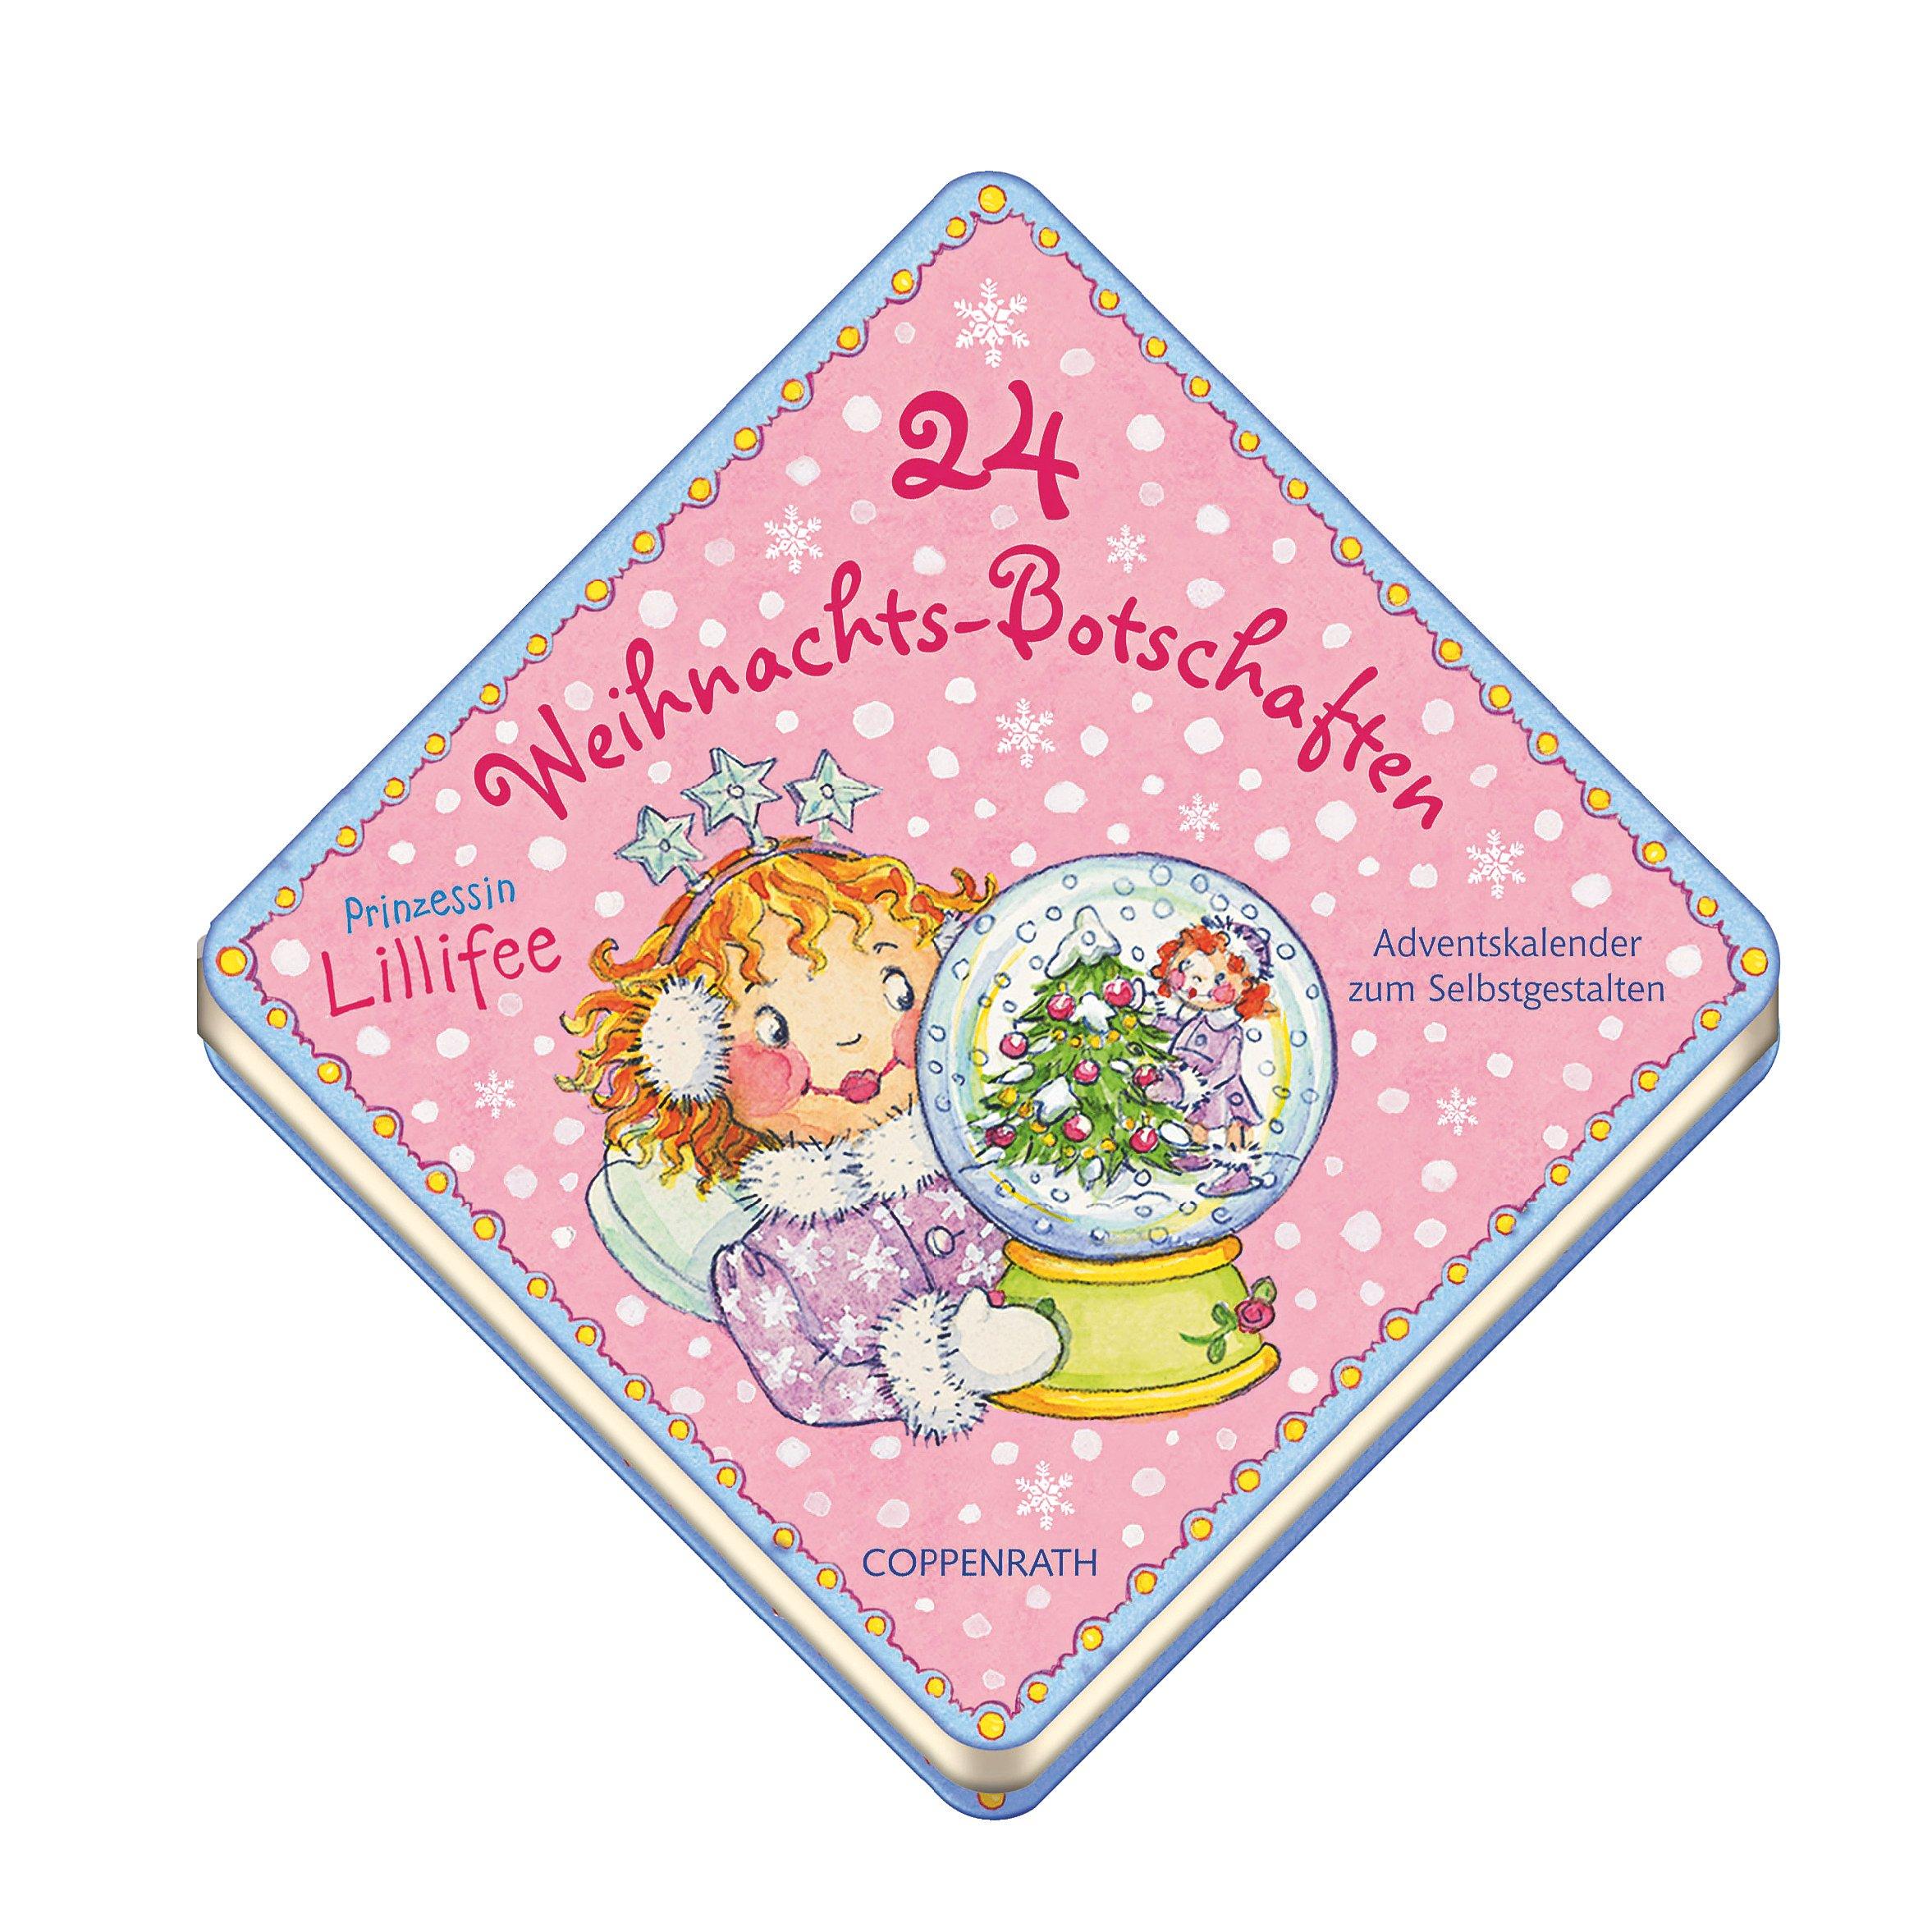 Prinzessin Lillifee - 24 Weihnachts-Botschaften | Weltbild.de